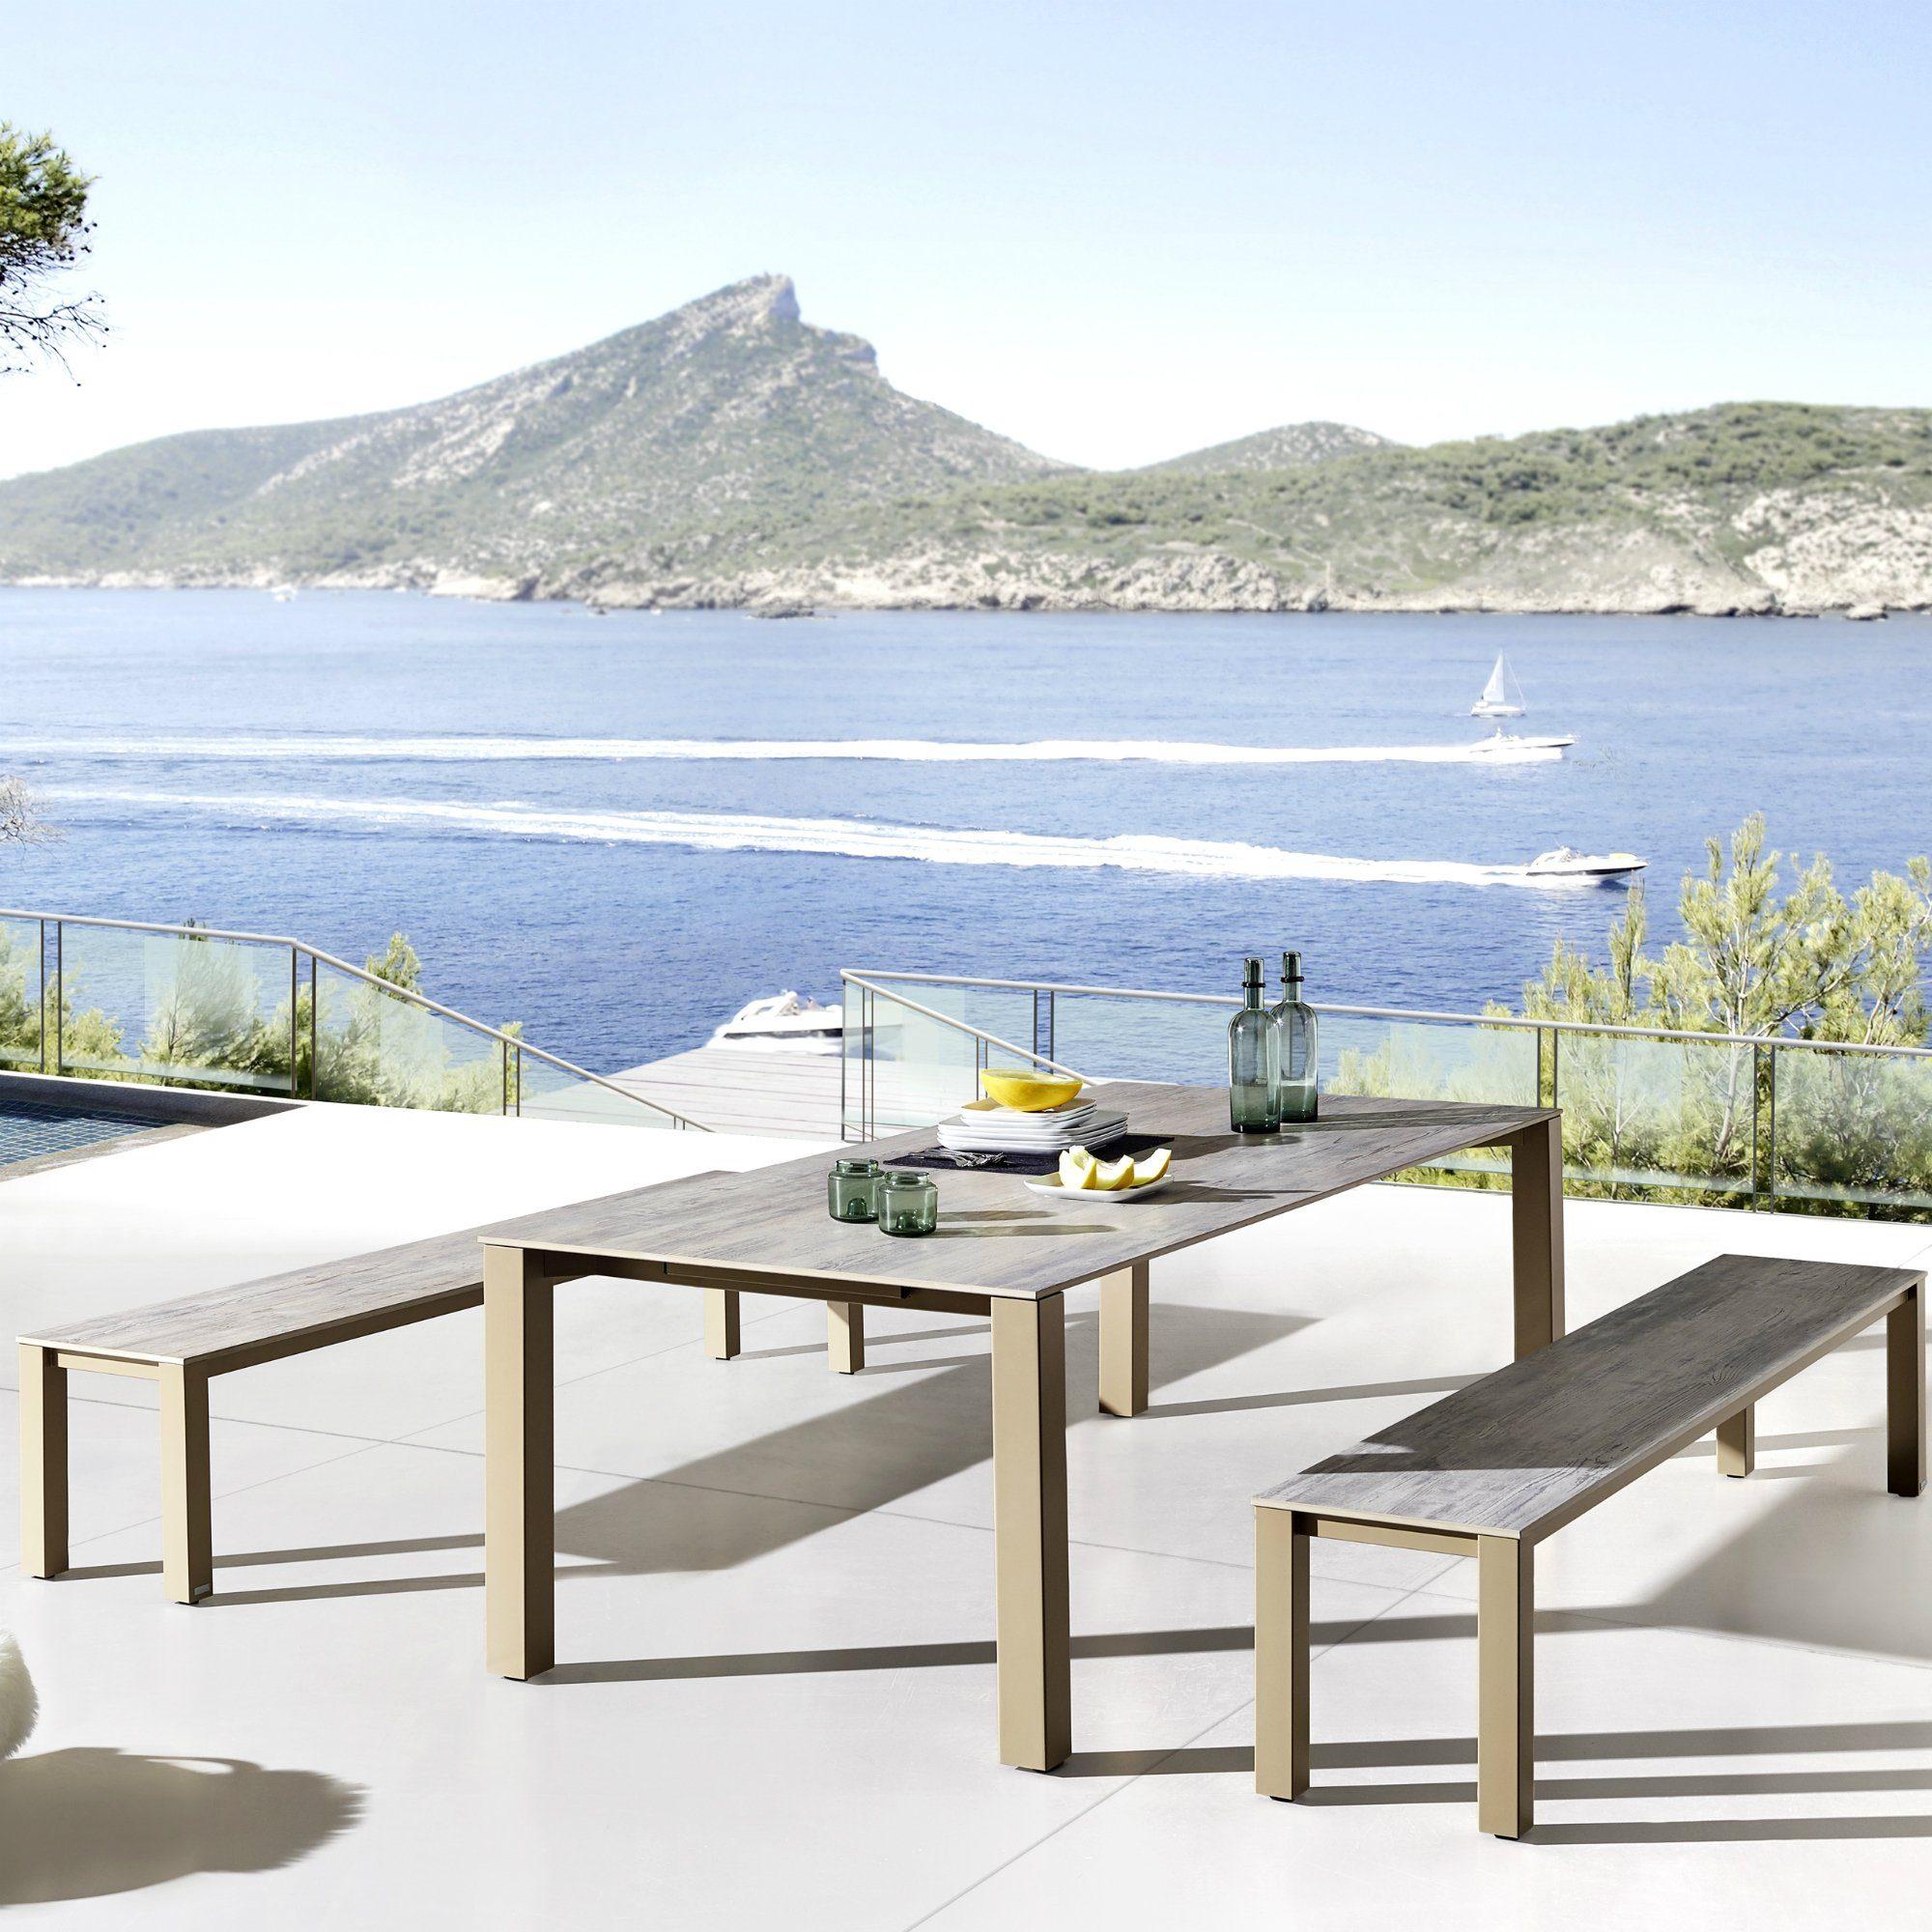 zumsteg lungo gartentisch. Black Bedroom Furniture Sets. Home Design Ideas